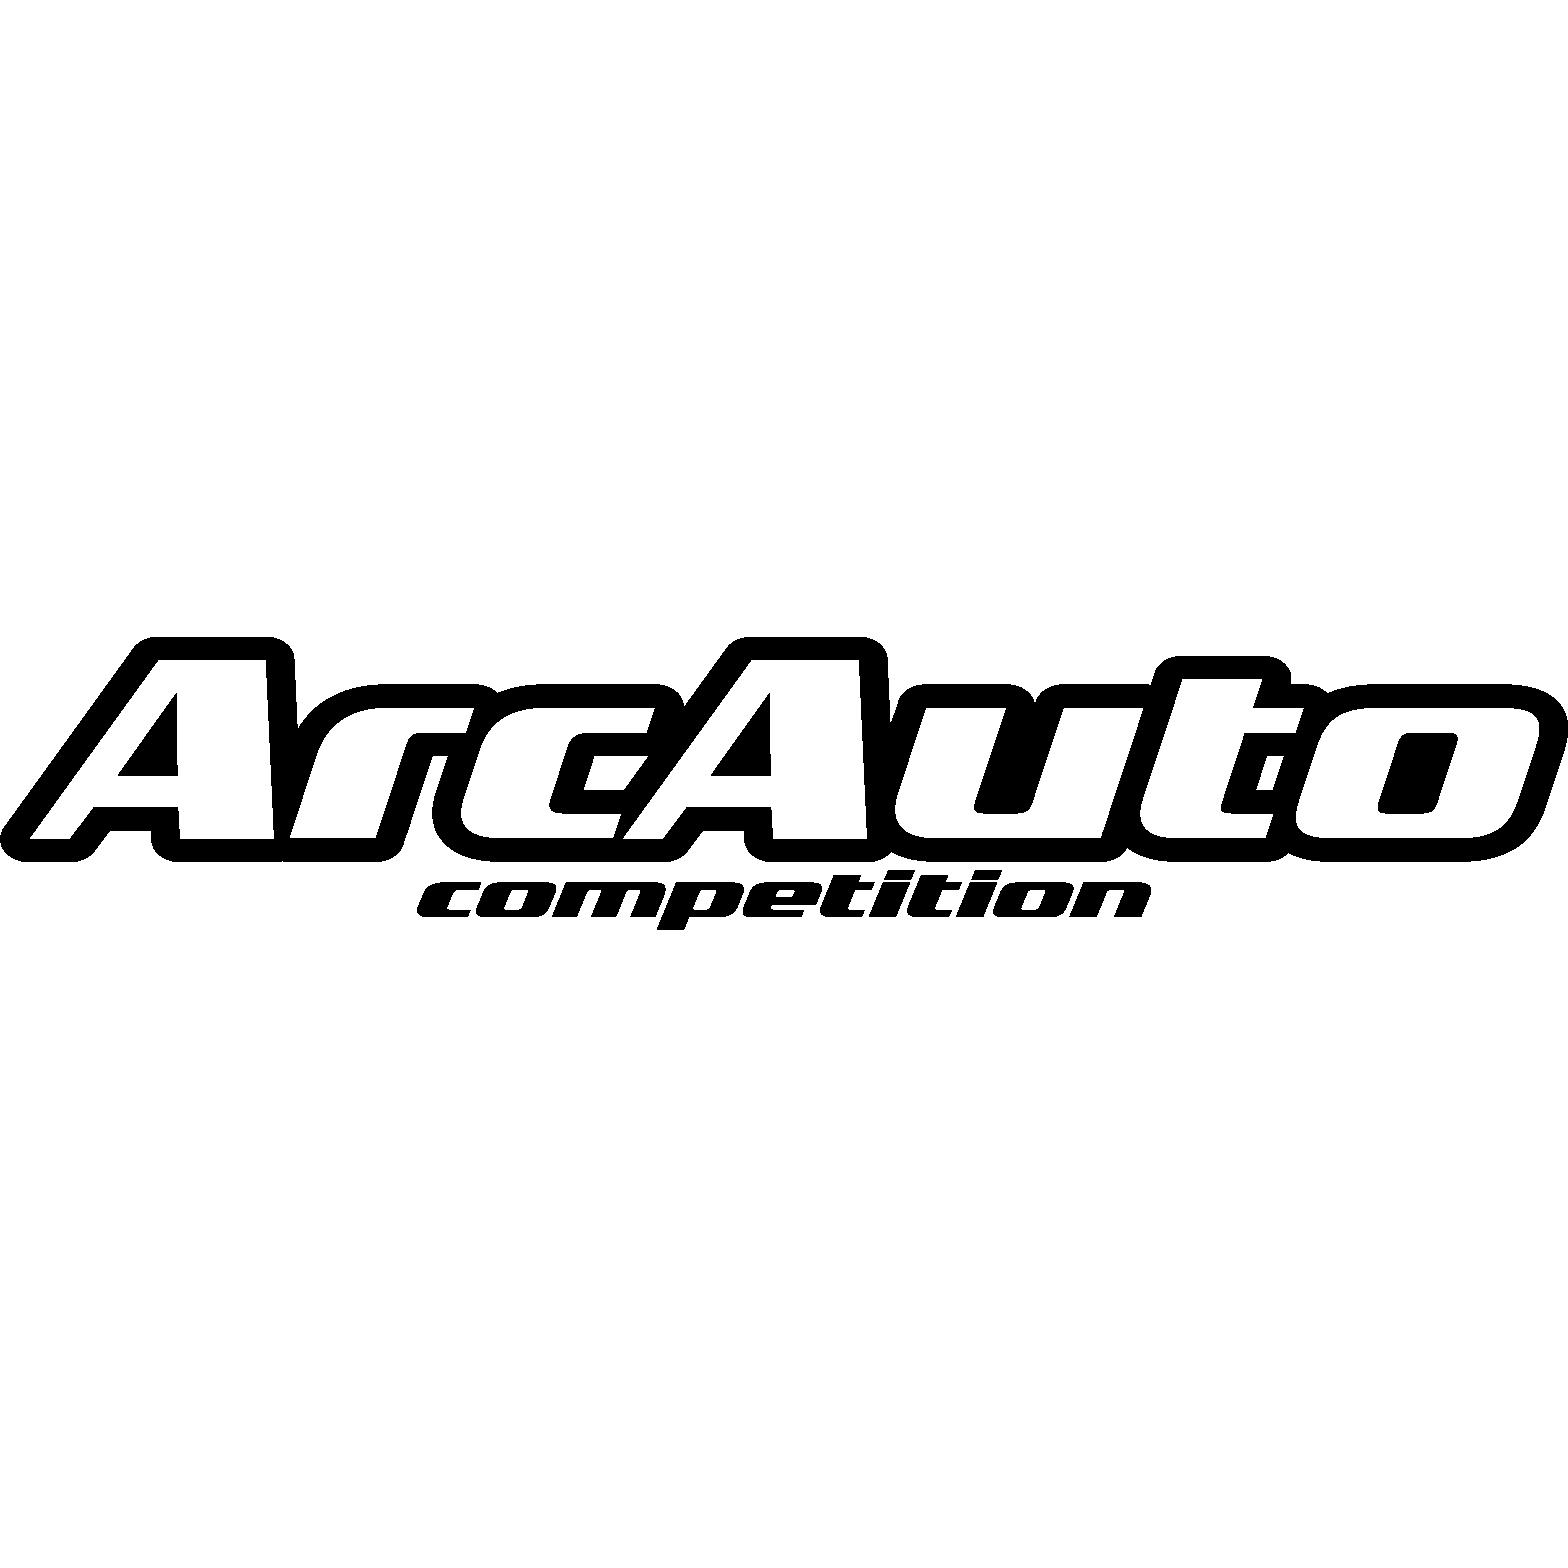 2-Arcauto